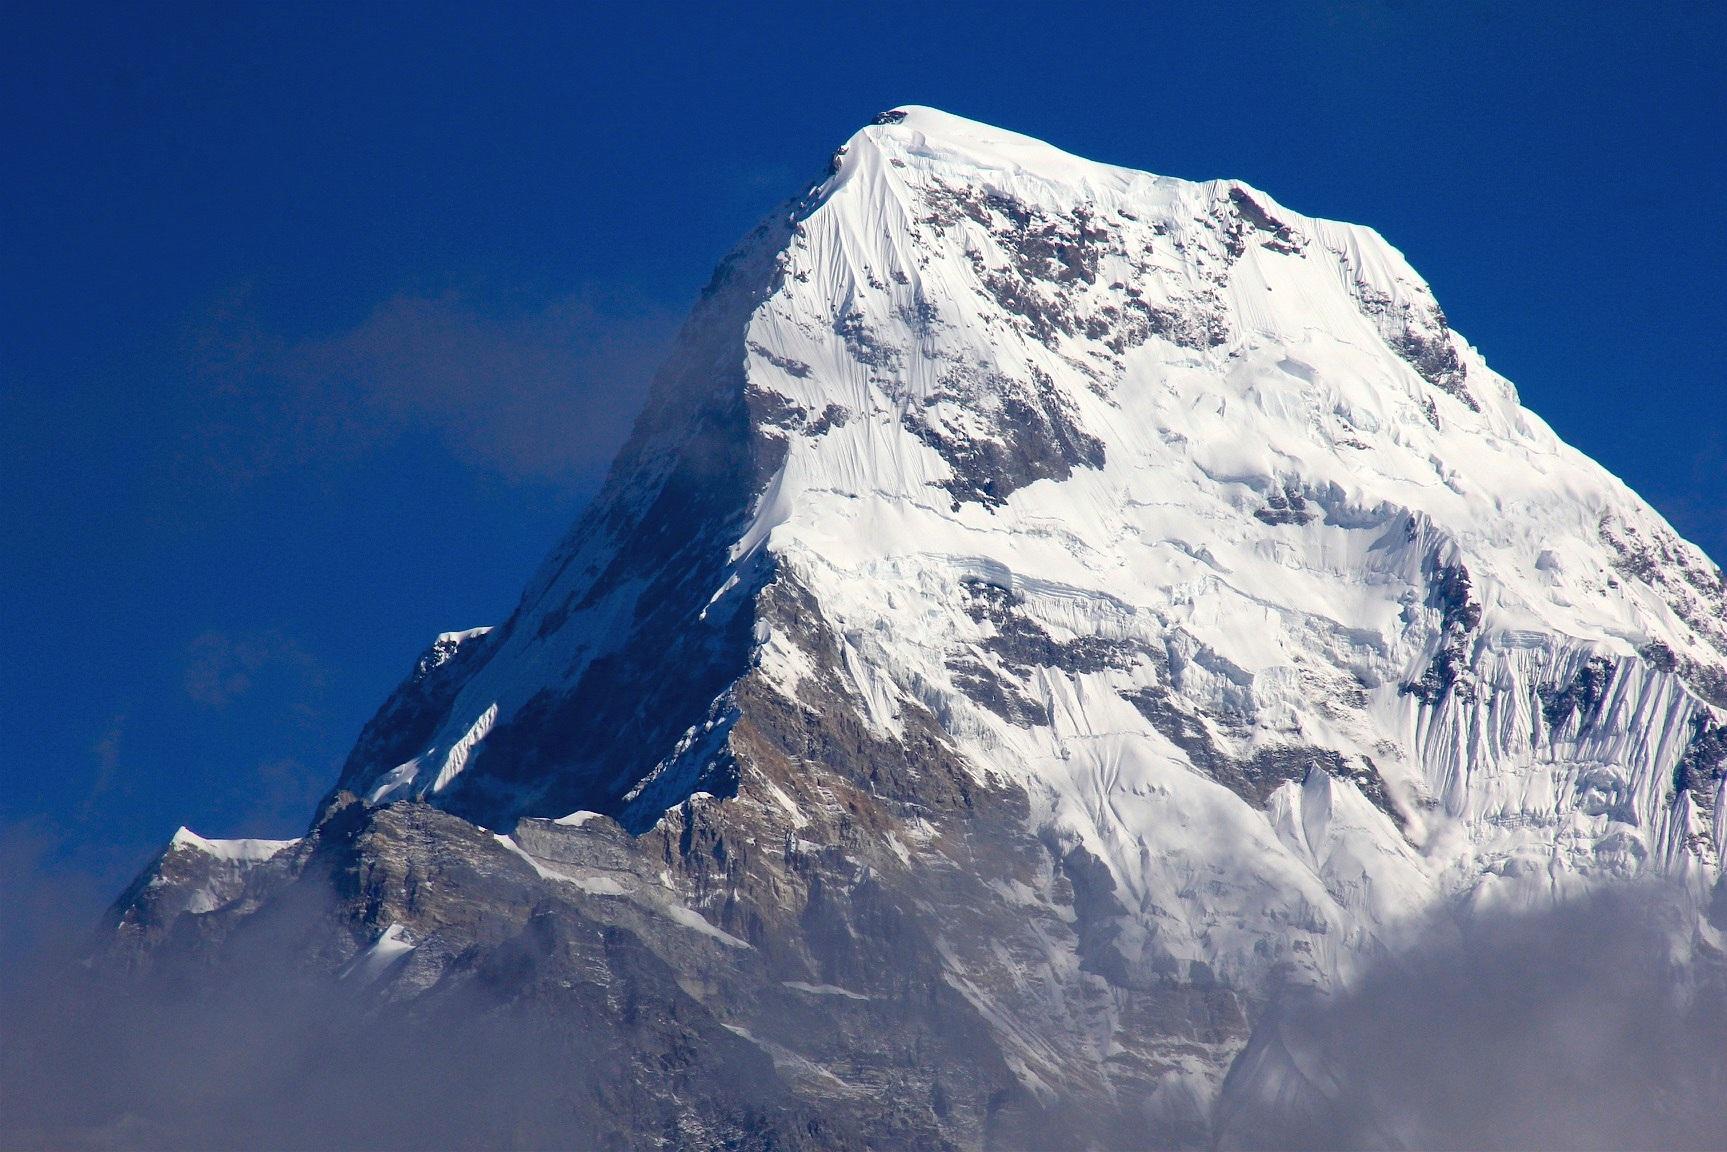 Annapurna IV